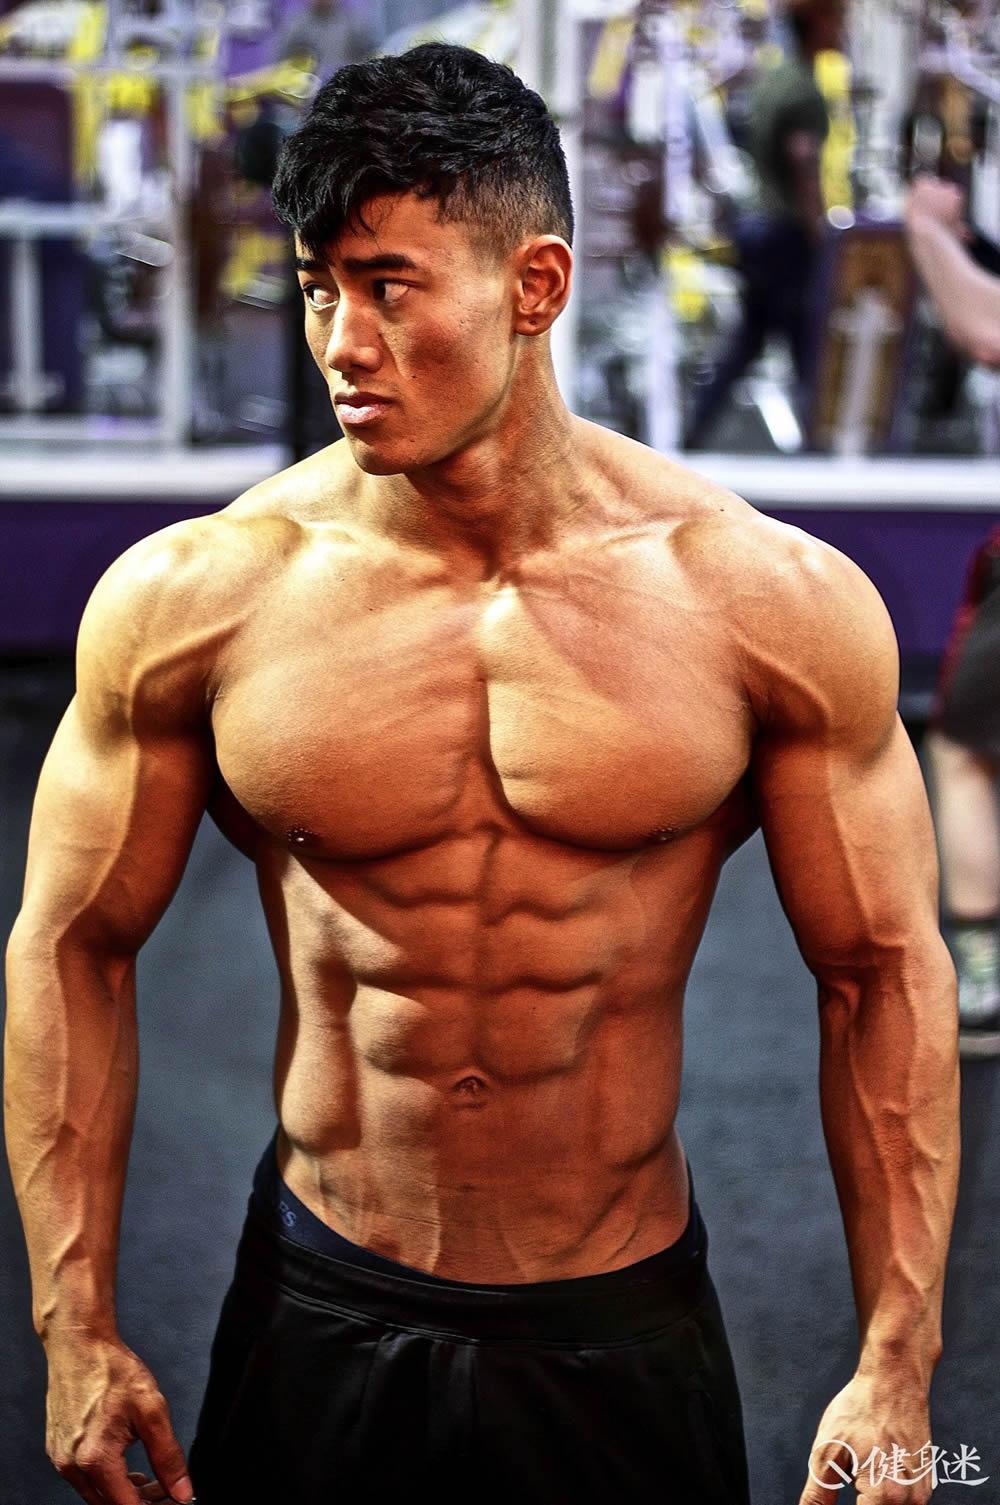 健身男_越南法国混血健美肌肉男模Steven Cao健身照片 steve cao身高体重 ...